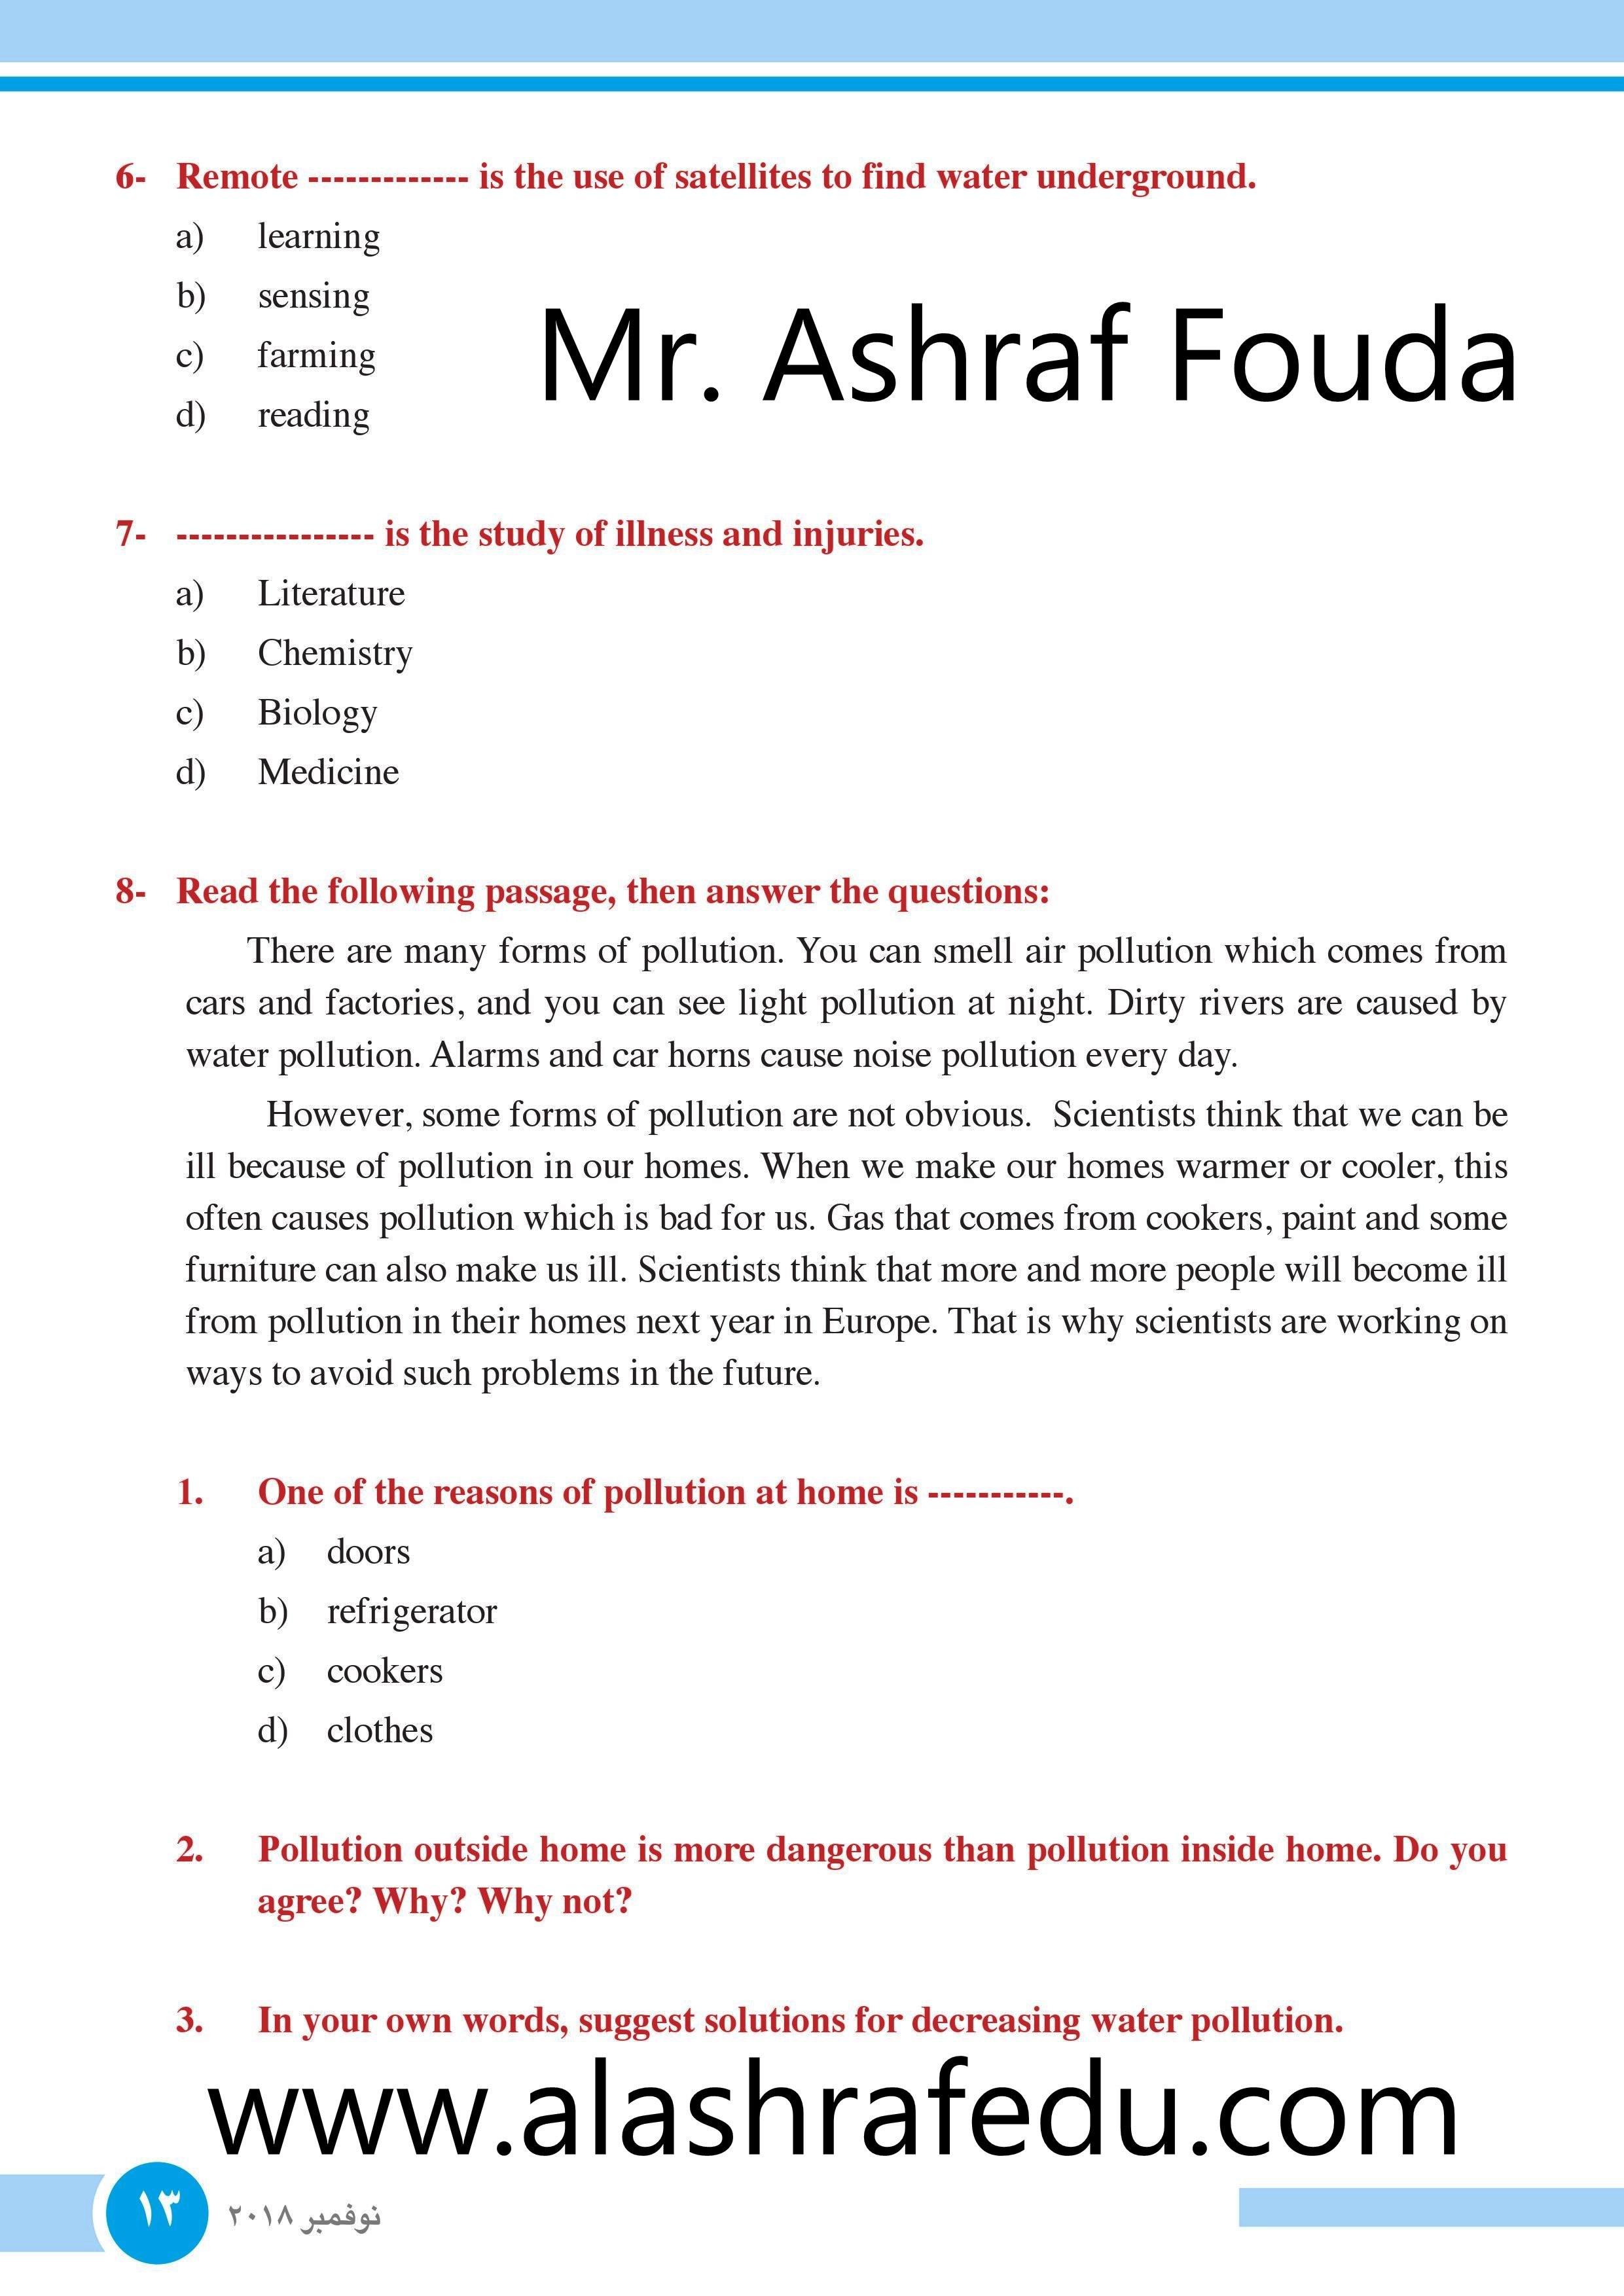 أمثله إسترشاديه لنظام التقويم الجديد 2018-2019 دليل www.alashrafedu.com1